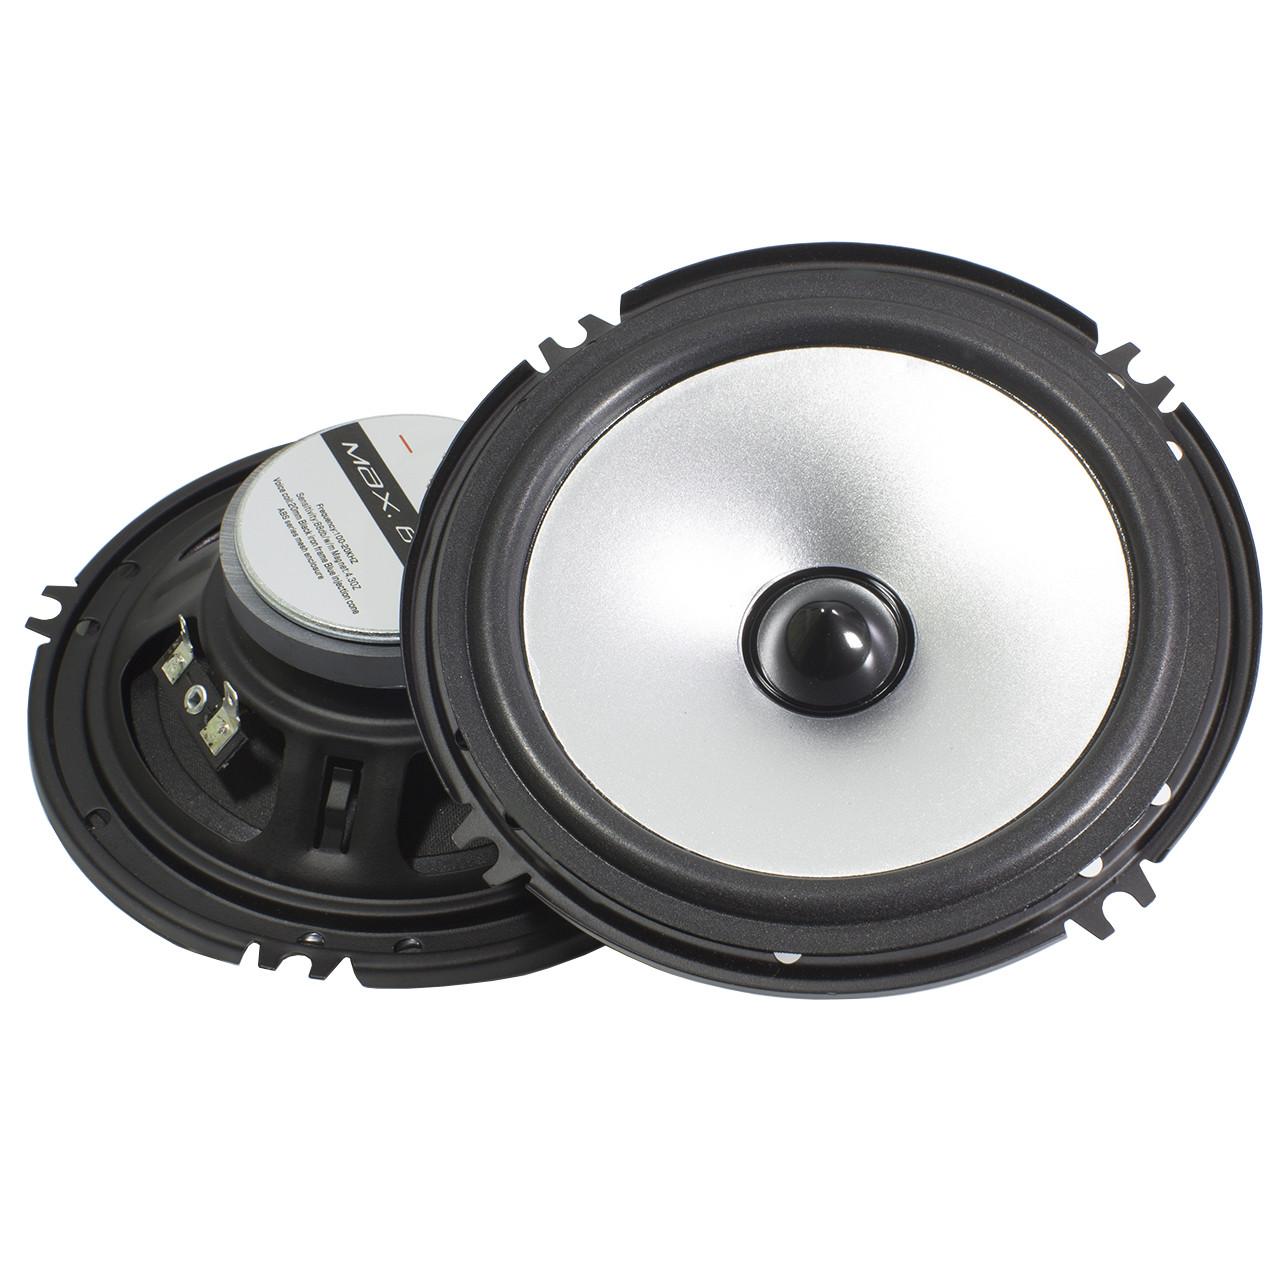 Купить Автоакустика Labo LB-PS1651D динамики 6.5-ти дюймовые (16.5 см) 60 Вт встраиваемая автомобильная стерео